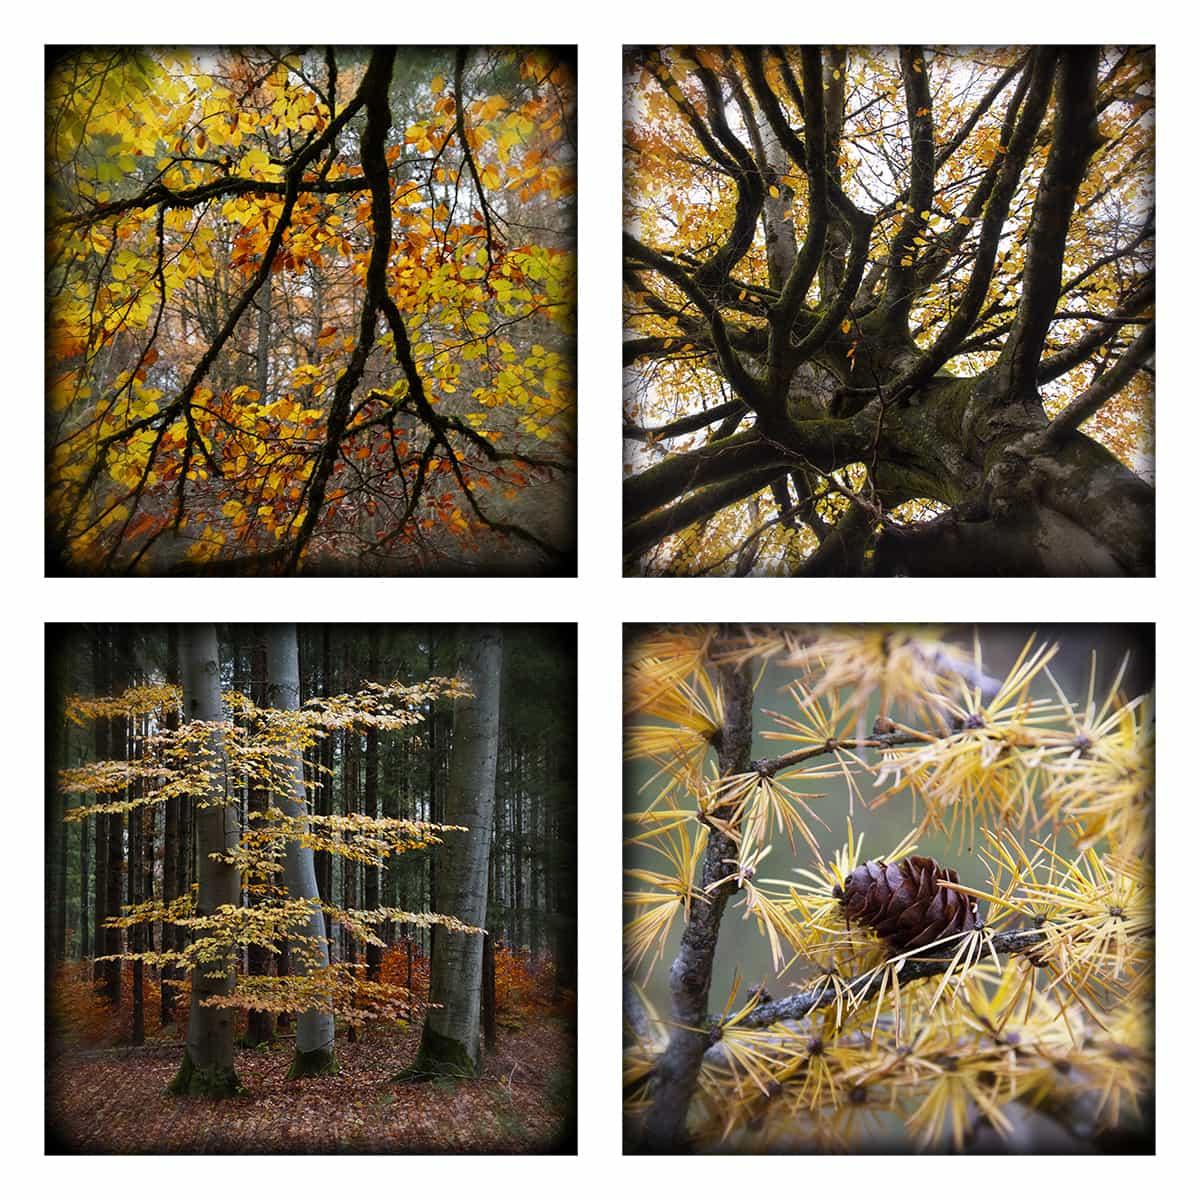 MAGIC FOREST LXIX